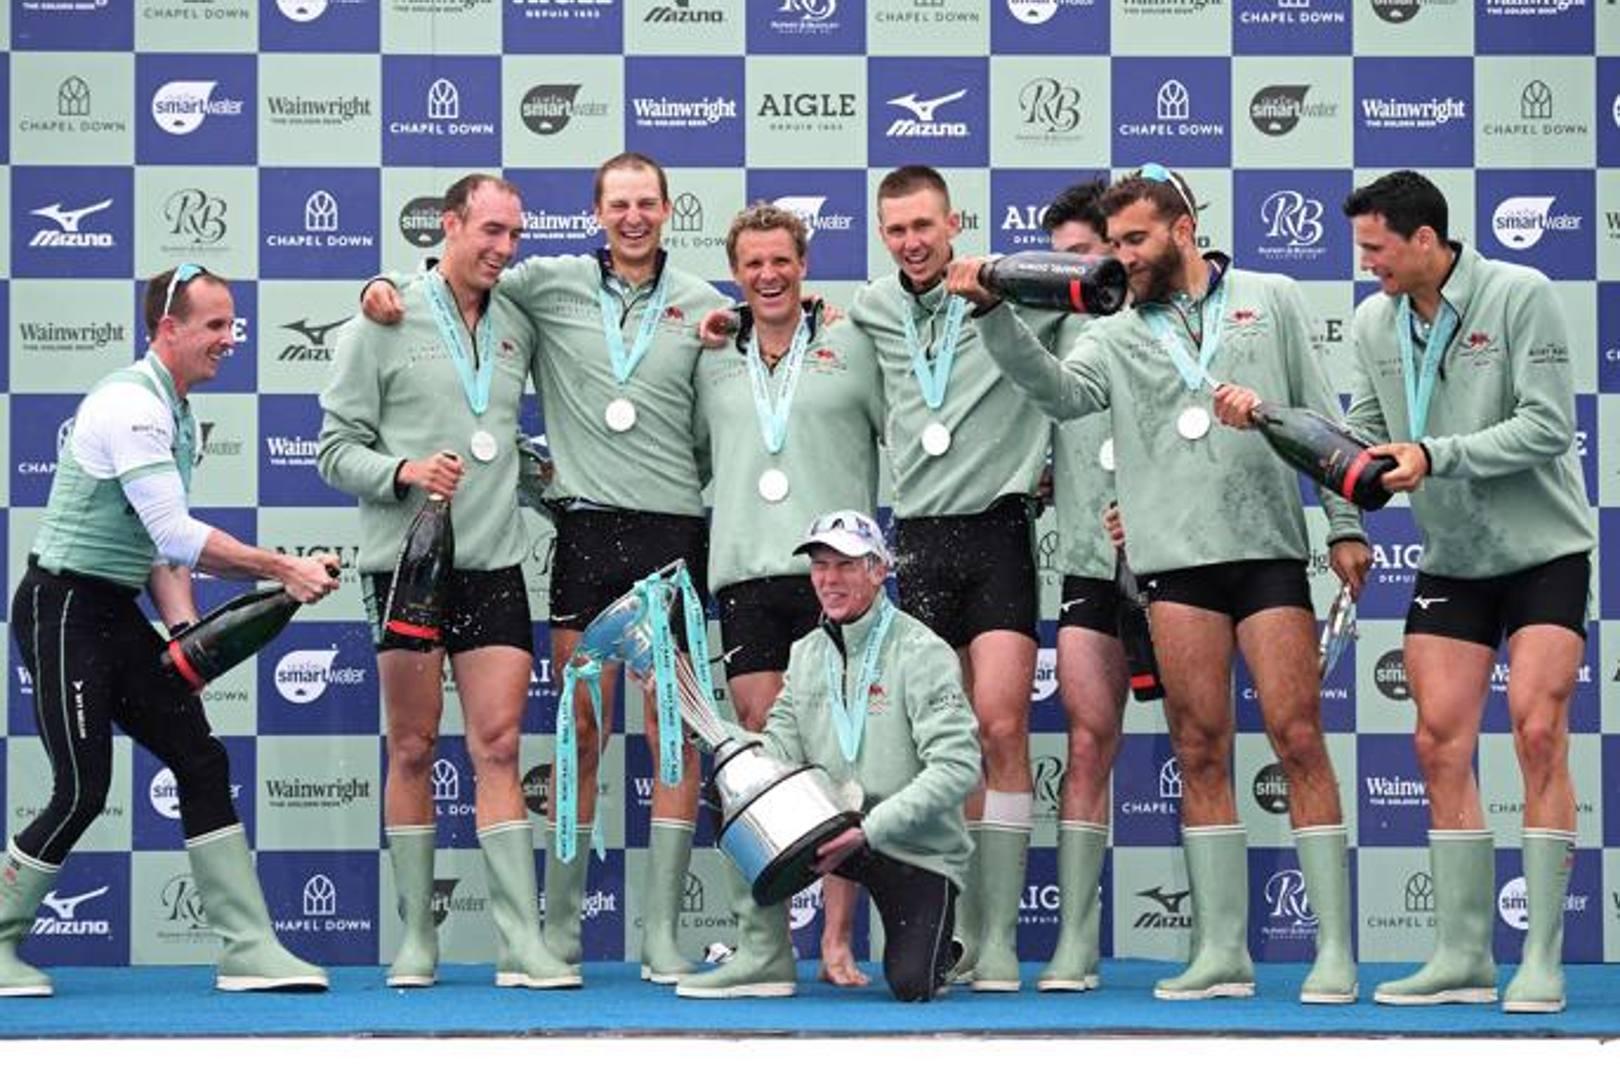 La festa dell'equipaggio di Cambridge: il quarto da sinistra in piedi è l'olimpionico James Cracknell. AFP